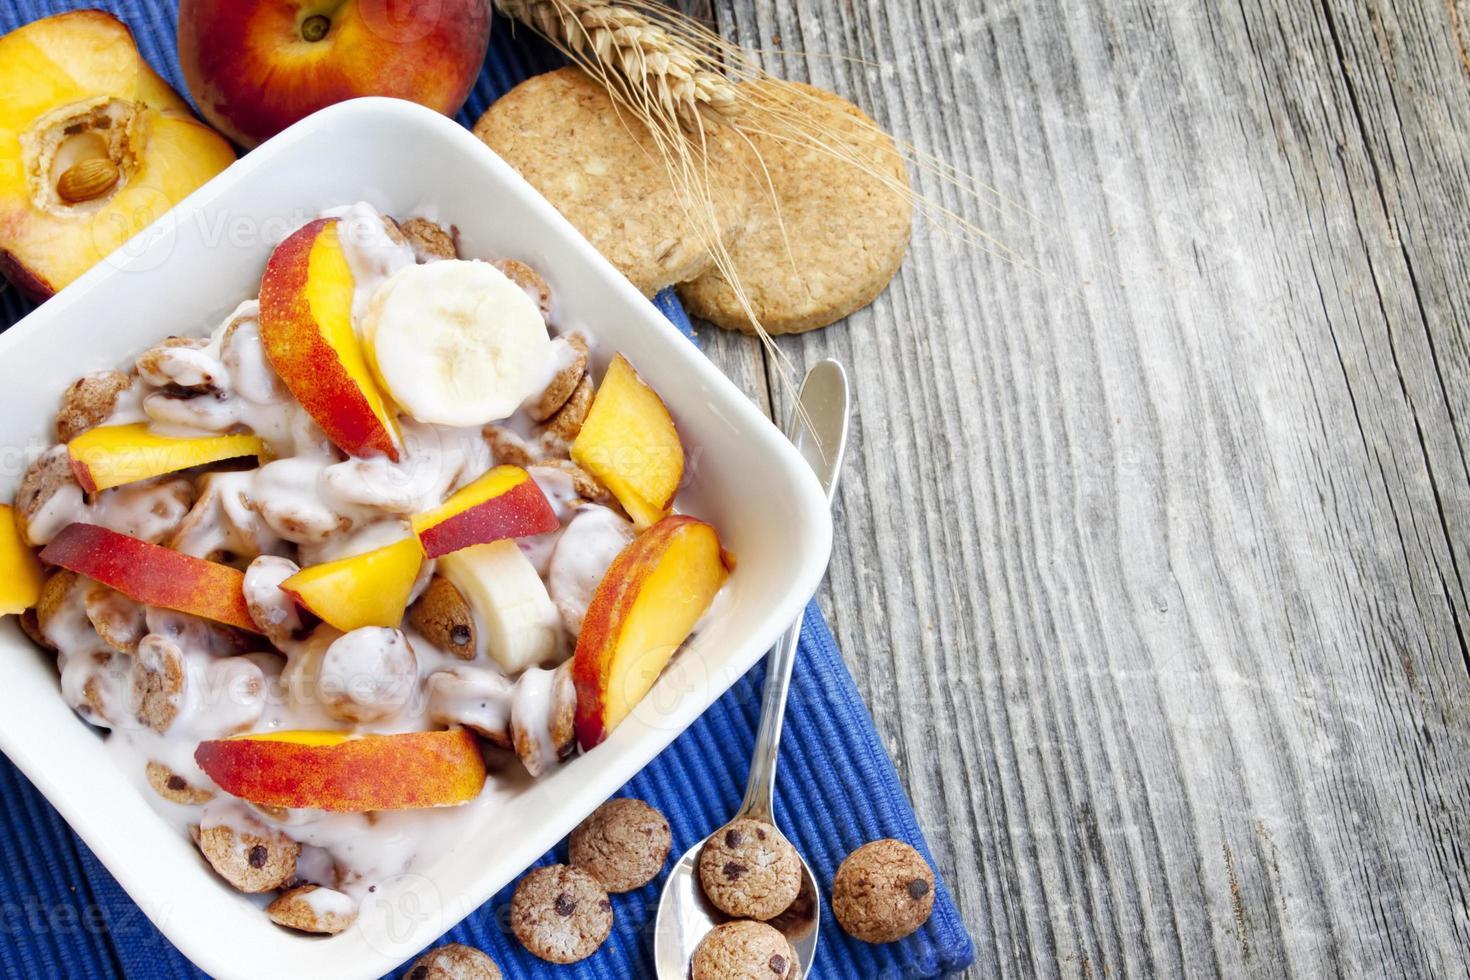 petit déjeuner avec céréales et yaourt photo